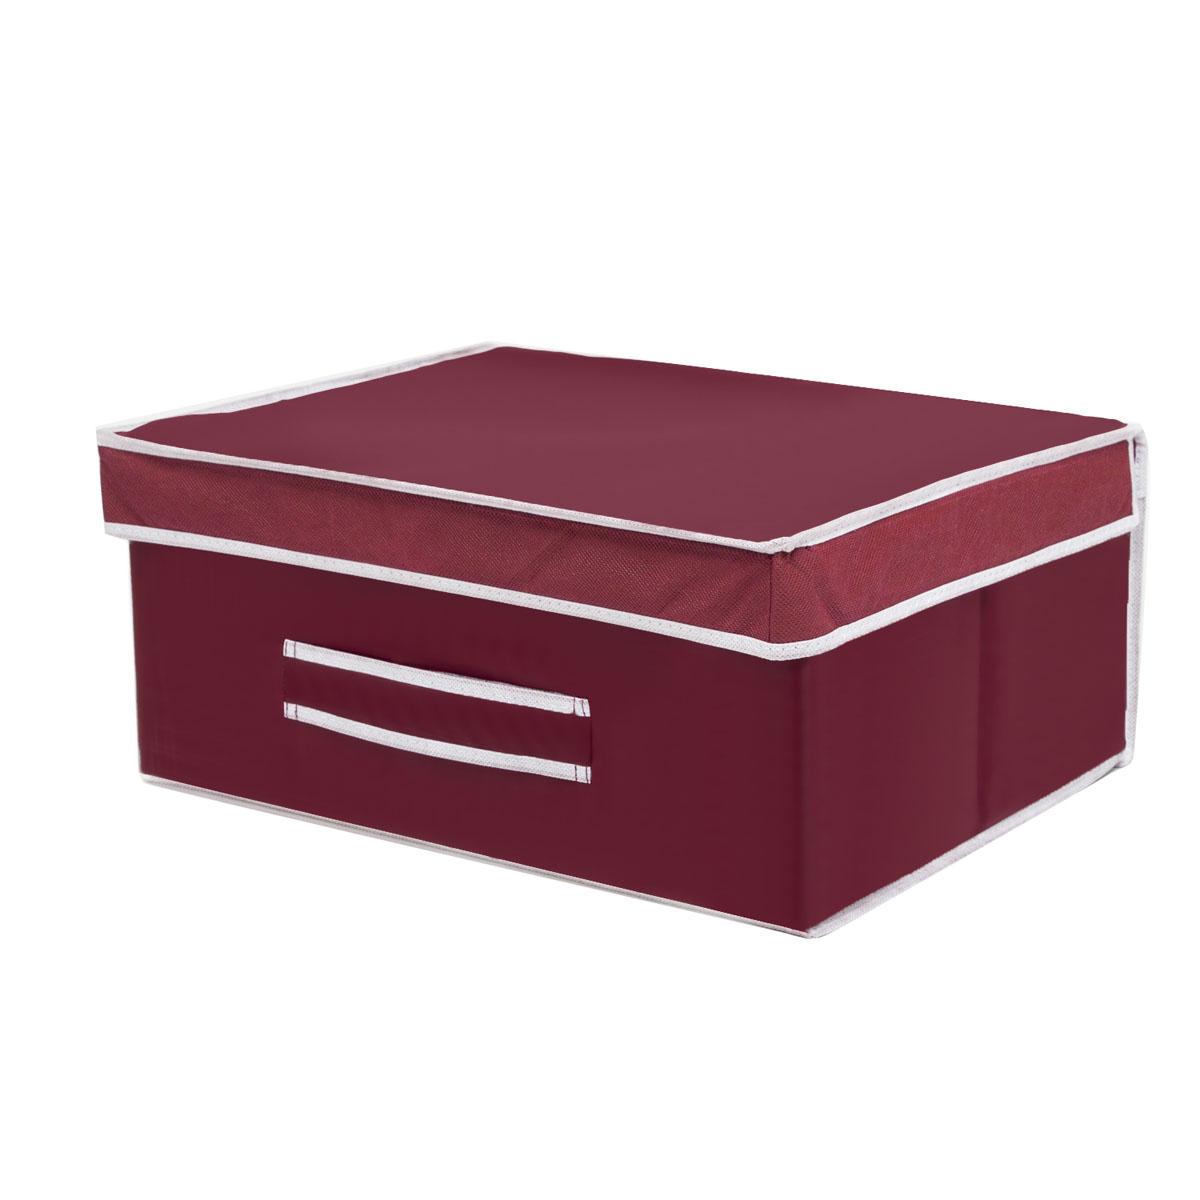 Коробка для хранения Homsu Red Rose, 45 х 37 х 20 смHOM-10Вместительная коробка для хранения Homsu Red Rose выполнена из плотного картона. Изделие обладает удобным размером и привлекательным дизайном, выполненным в приятной цветовой гамме. Внутри коробки можно хранить фотографии, ткани, принадлежности для хобби, памятные сувениры и многое другое. Крышка изделия удобно открывается и закрывается. Коробка для хранения Homsu Red Rose станет незаменимой помощницей в путешествиях.